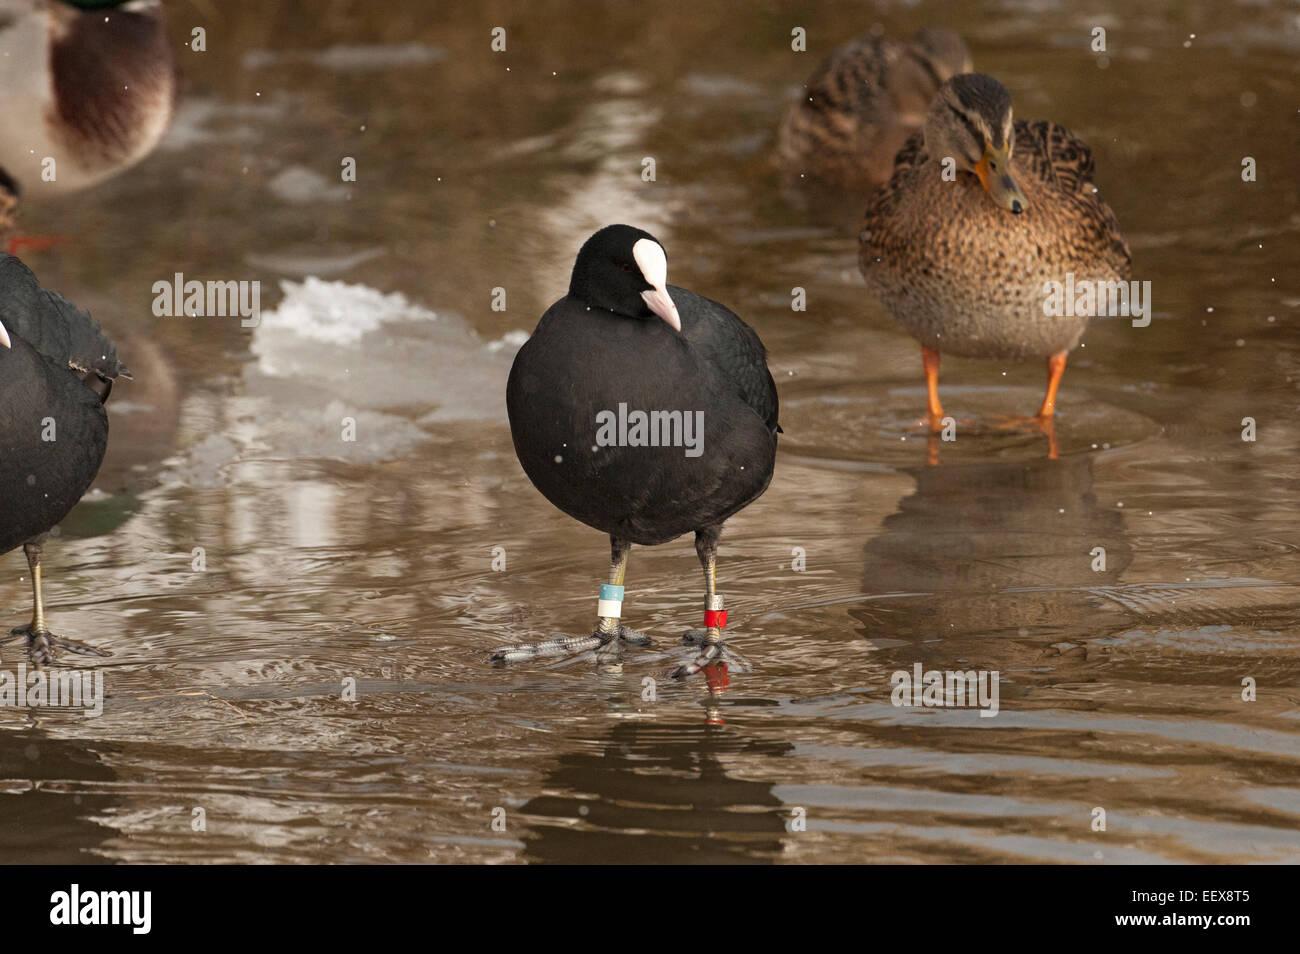 Cuando los lagos congelar este es un buen momento para poder ver los anillos de colores en las aves acuáticas Imagen De Stock